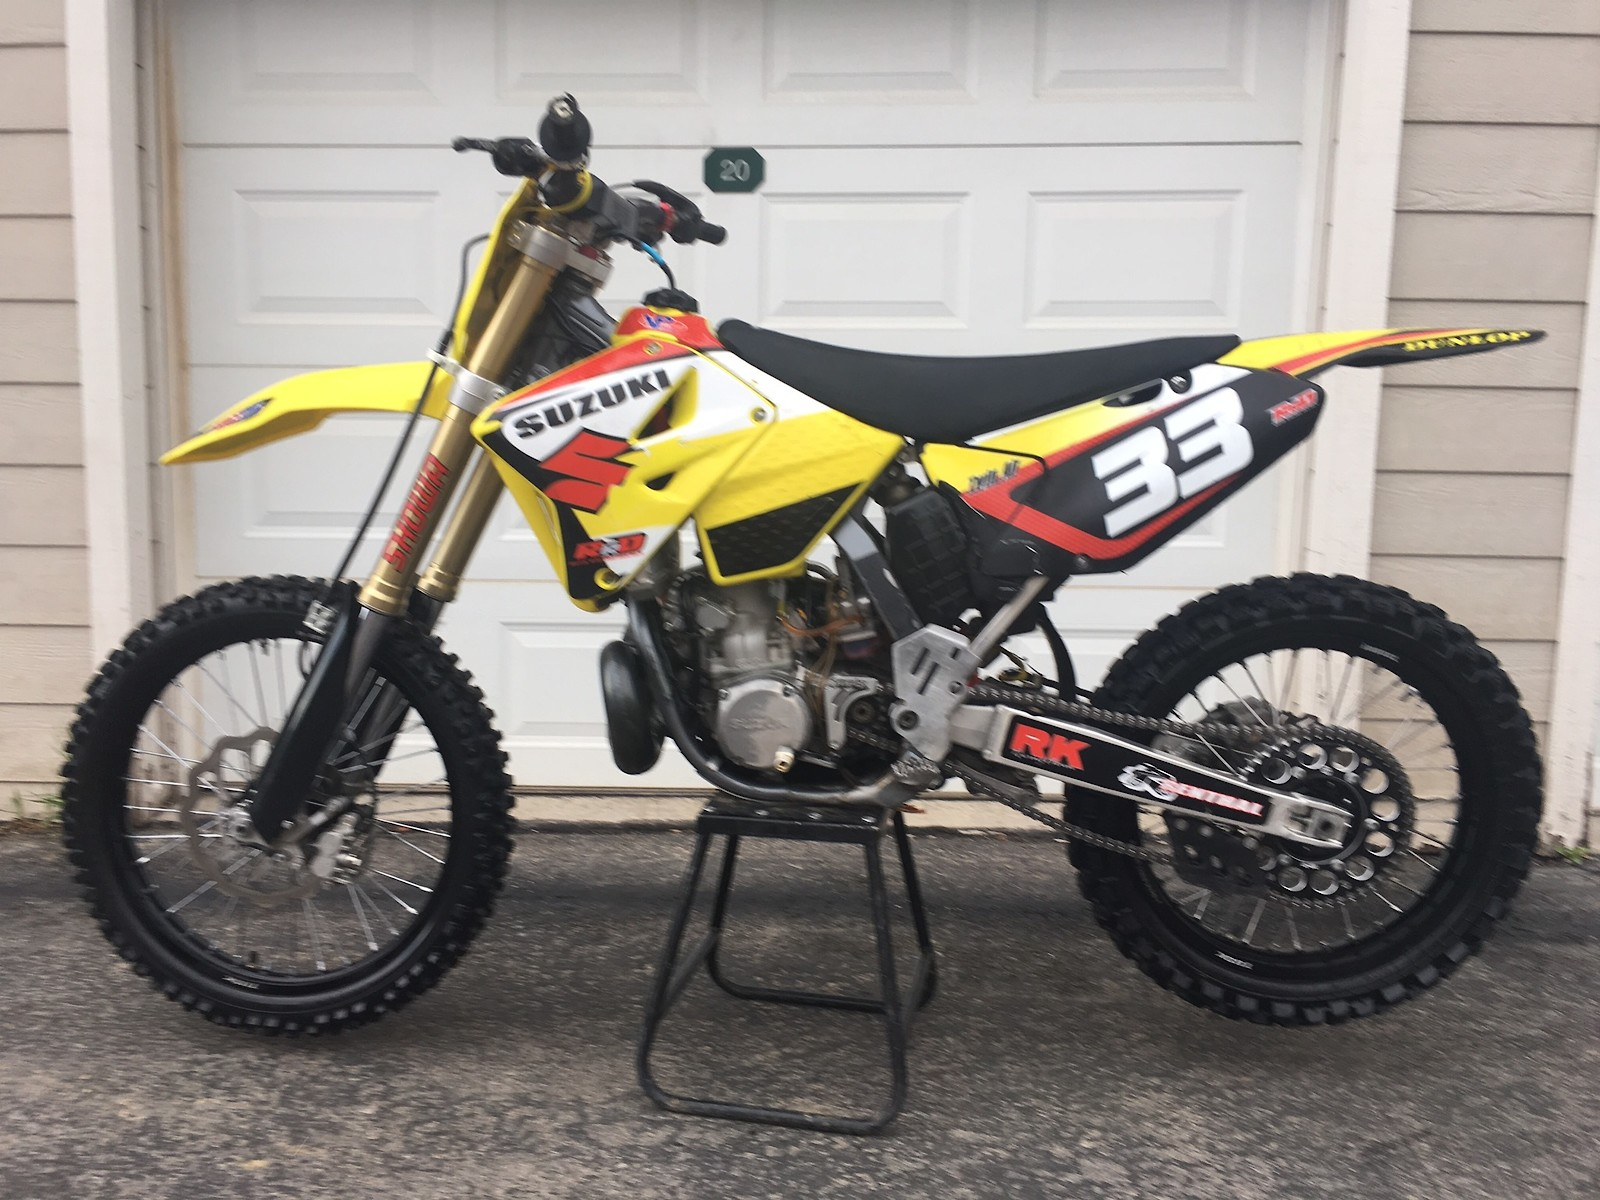 32B58754-46F9-488E-98DE-E55C5FB9F34F - Malone - Motocross Pictures - Vital MX